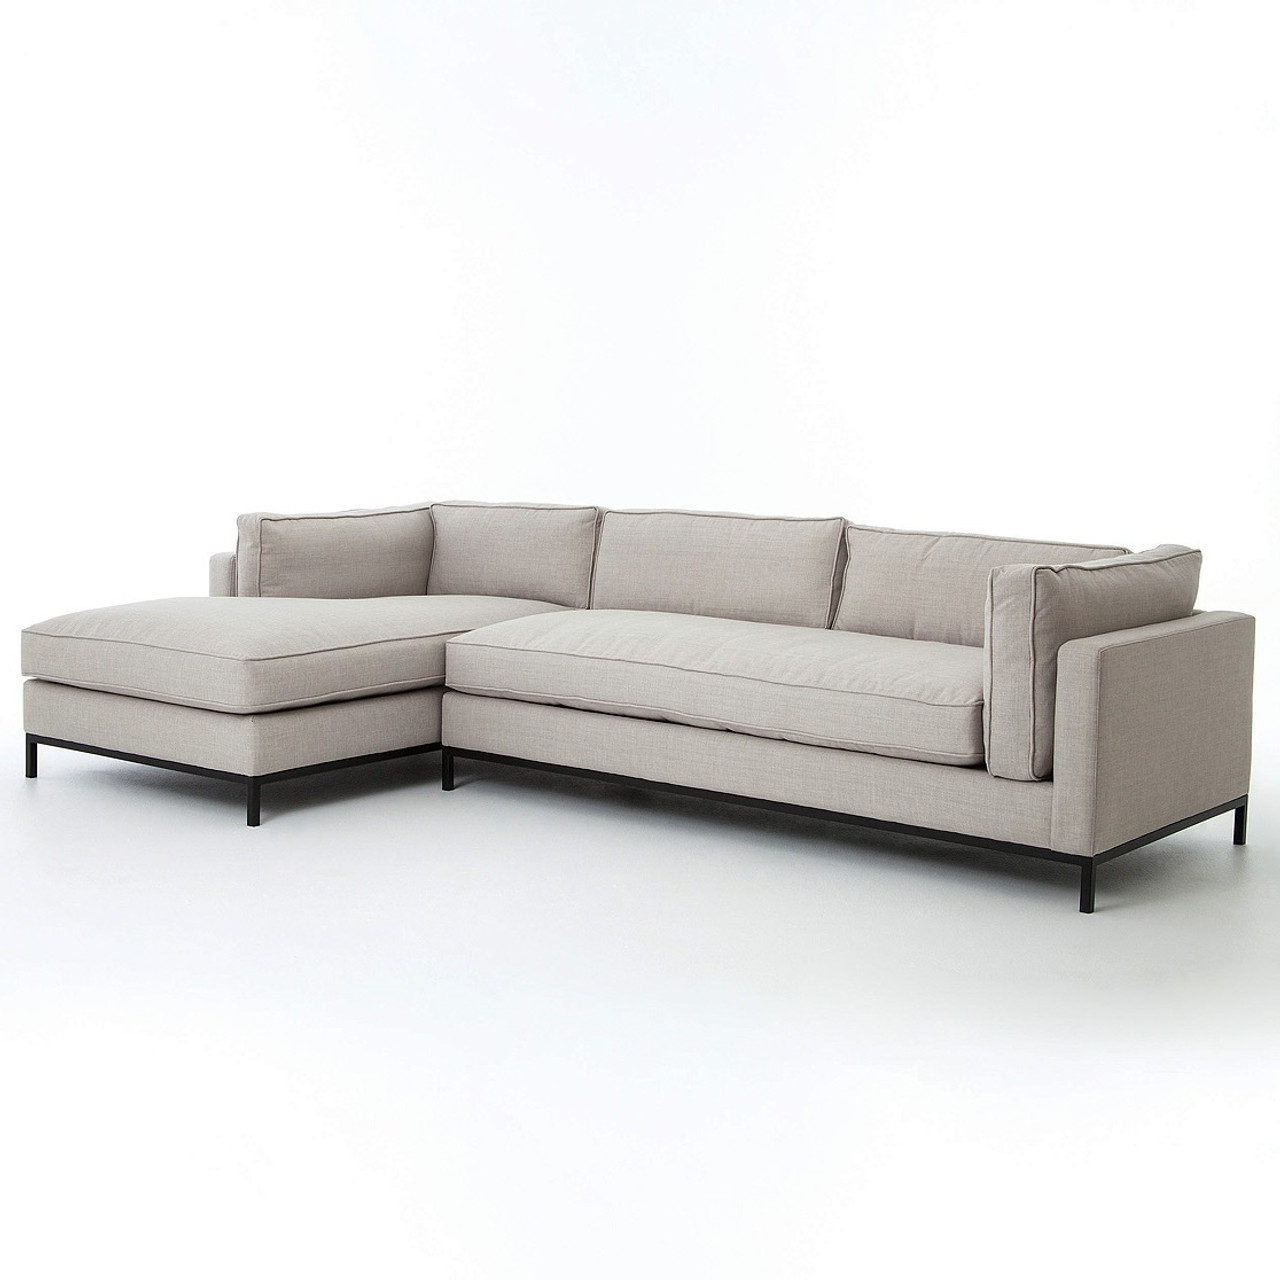 Grammercy Linen Modern 2 Piece Sectional Sofa